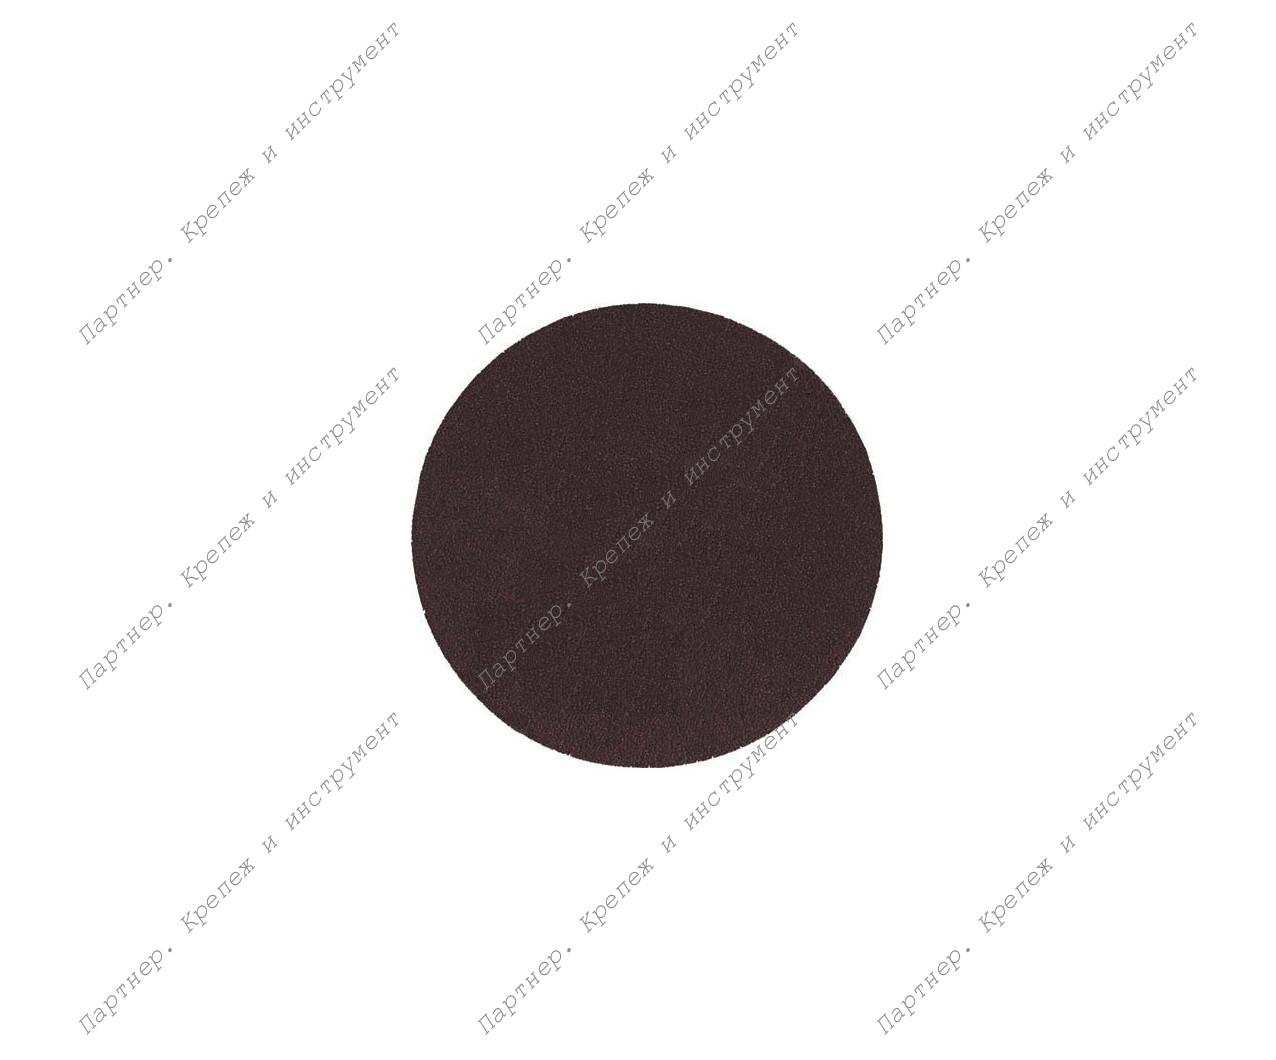 (39655) Круги шлифовальные 5 шт., алюм.-оксид., 125 мм с липучкой (Р100)